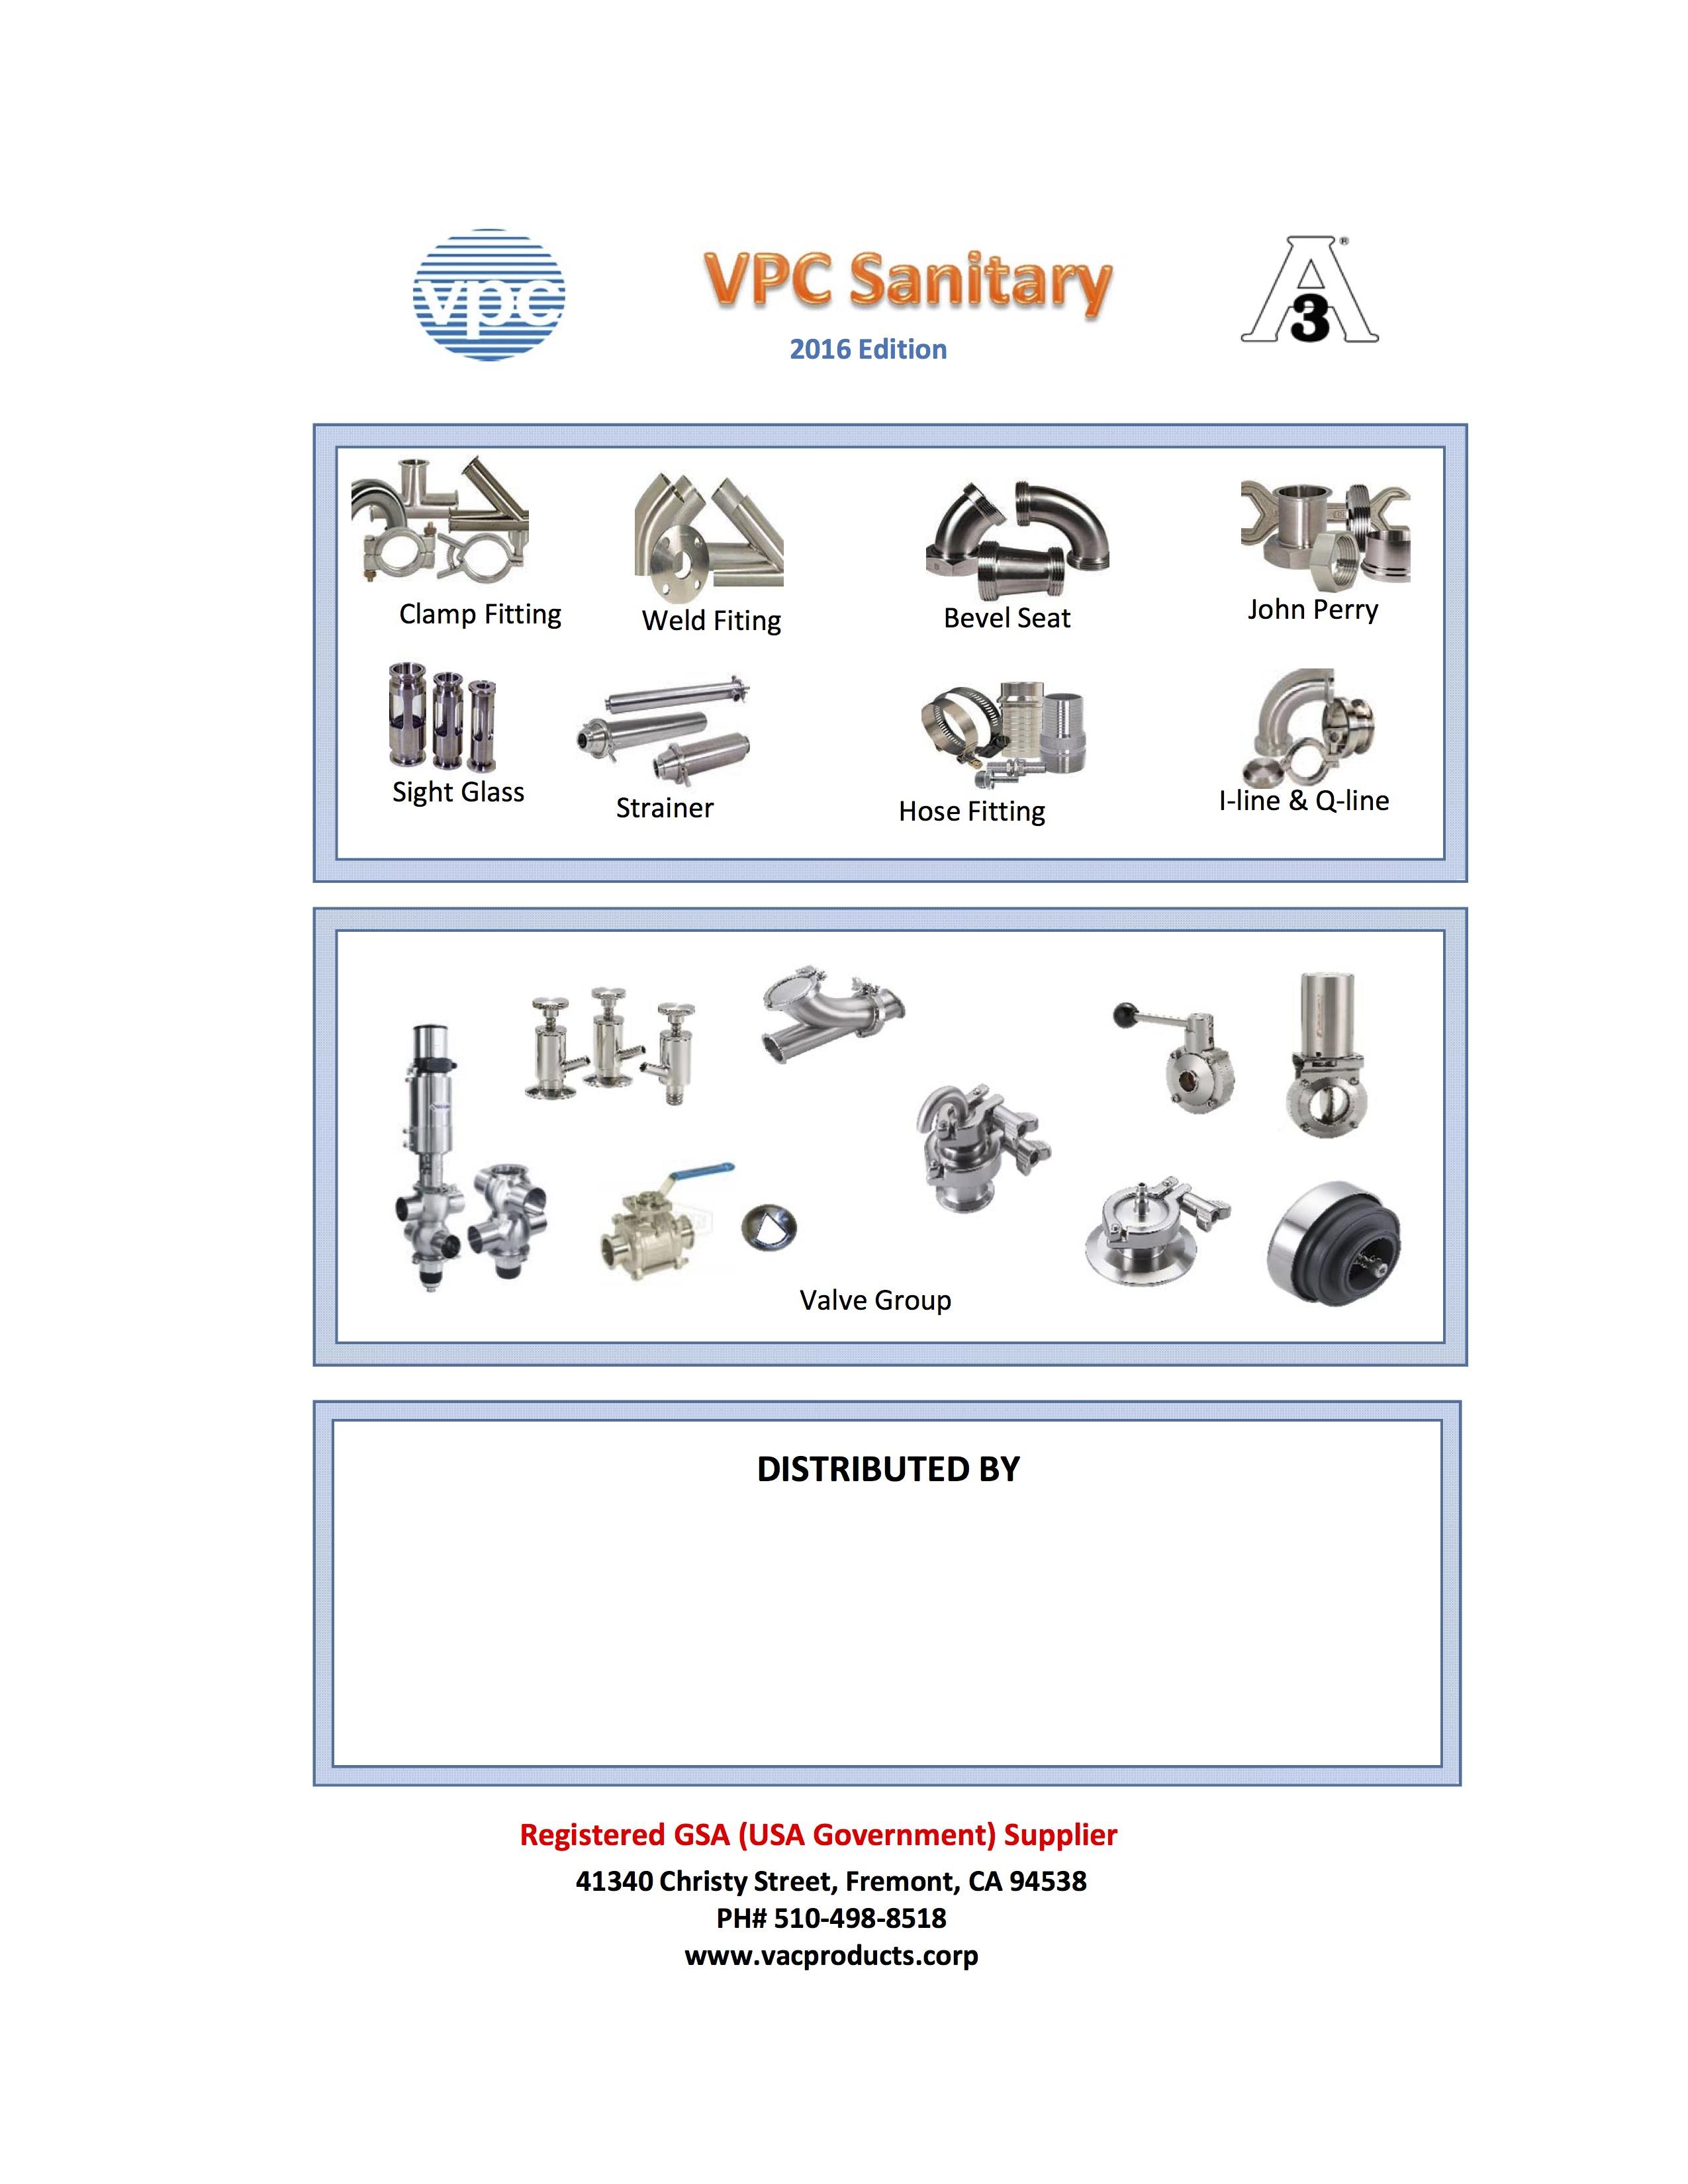 vpc-sanitary-catalog.jpg